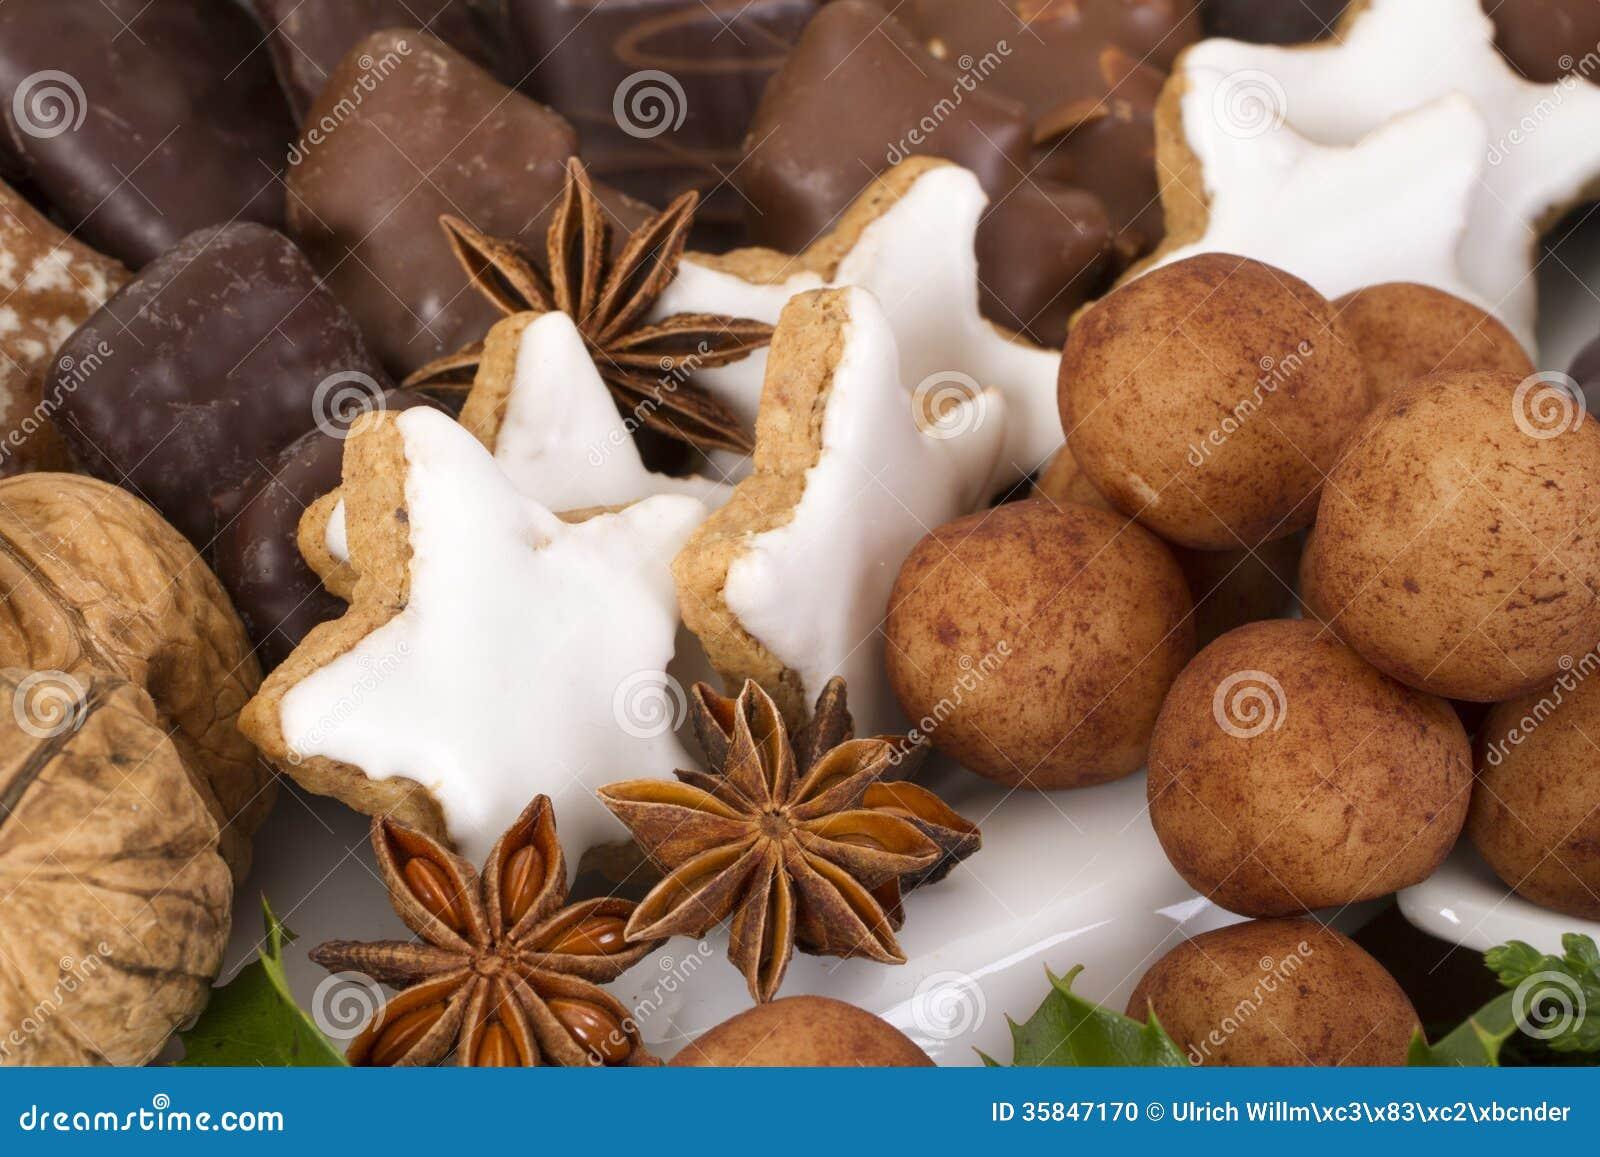 Deutsche Weihnachtsplätzchen.Traditionelle Deutsche Weihnachtsplätzchen Auf Anzeige Stockfoto